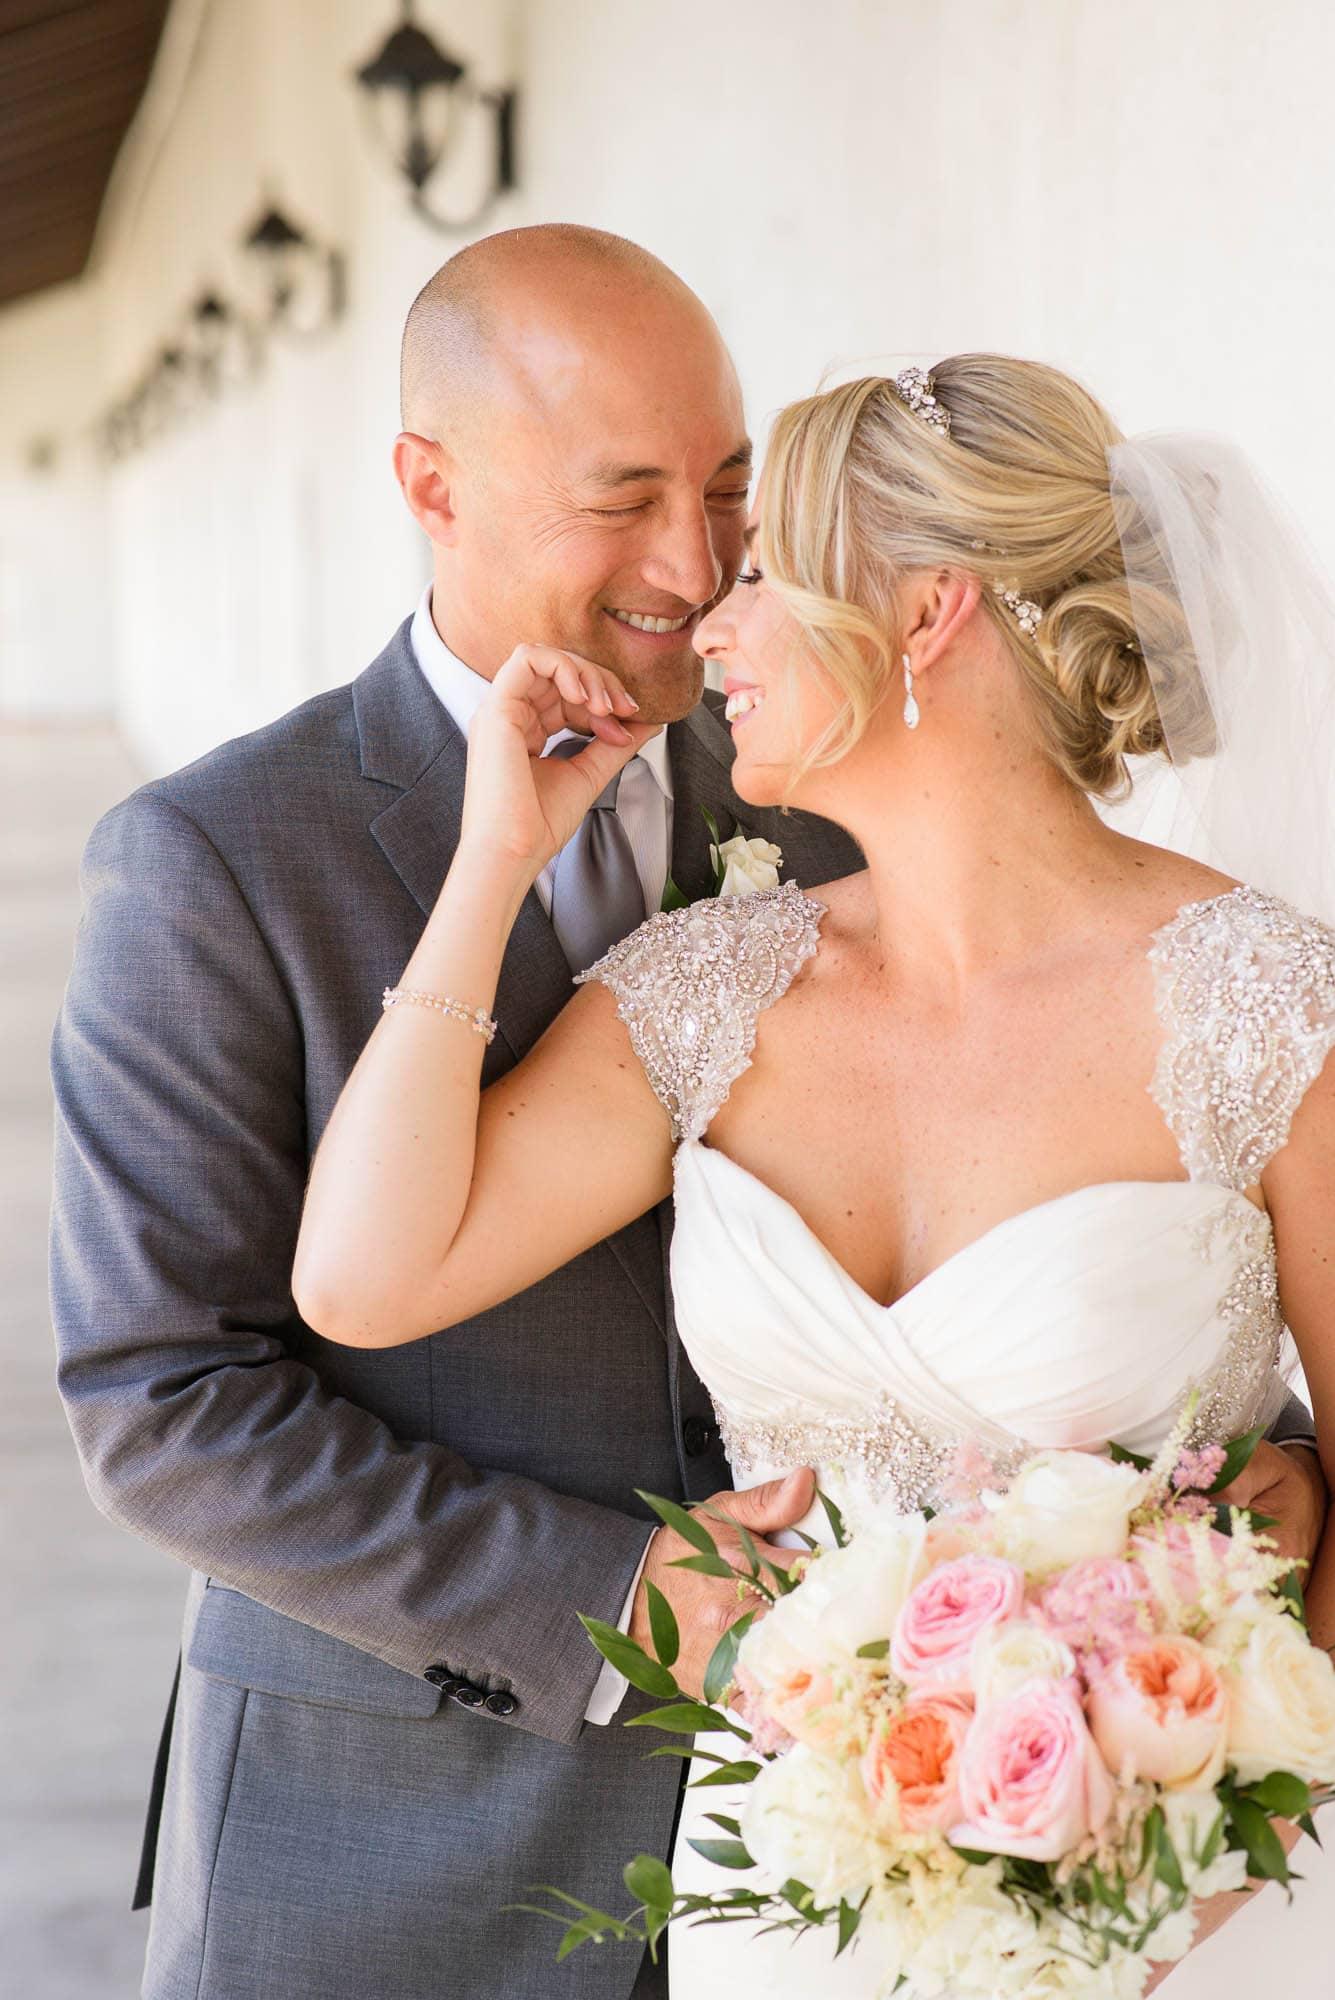 026_Alan_and_Heidi_Wedding_Amanda_Chad